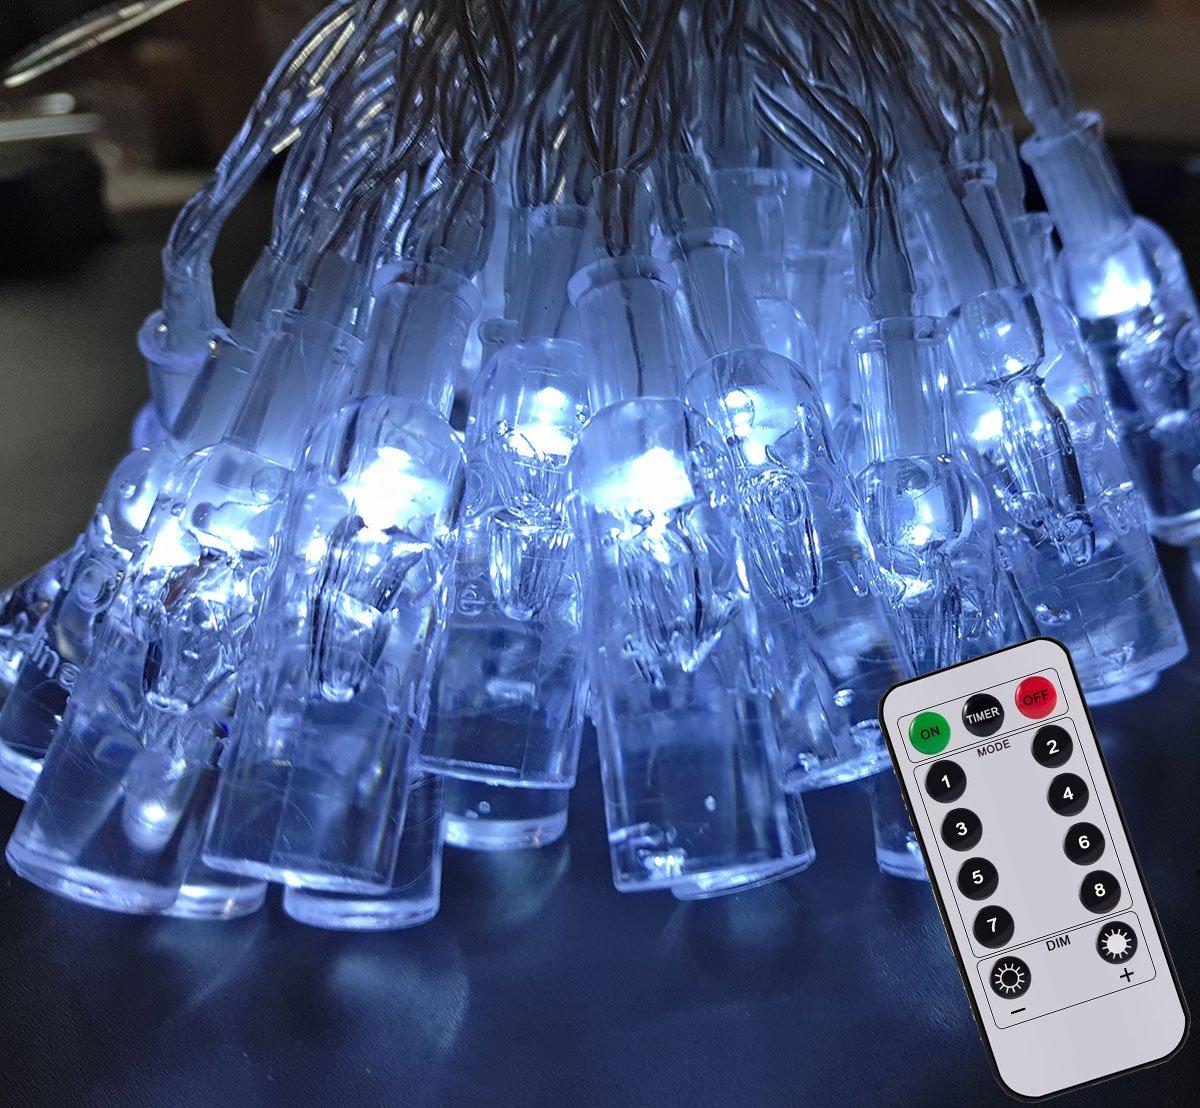 33FT/10M 80Led Impermeabile Bottiglia di vino Luce Strisce Luci della Stringa Chiara Alimentata a Batteria per Giardini Casa Matrimonio Festa di Natale Compleanno(Bianco) CORST